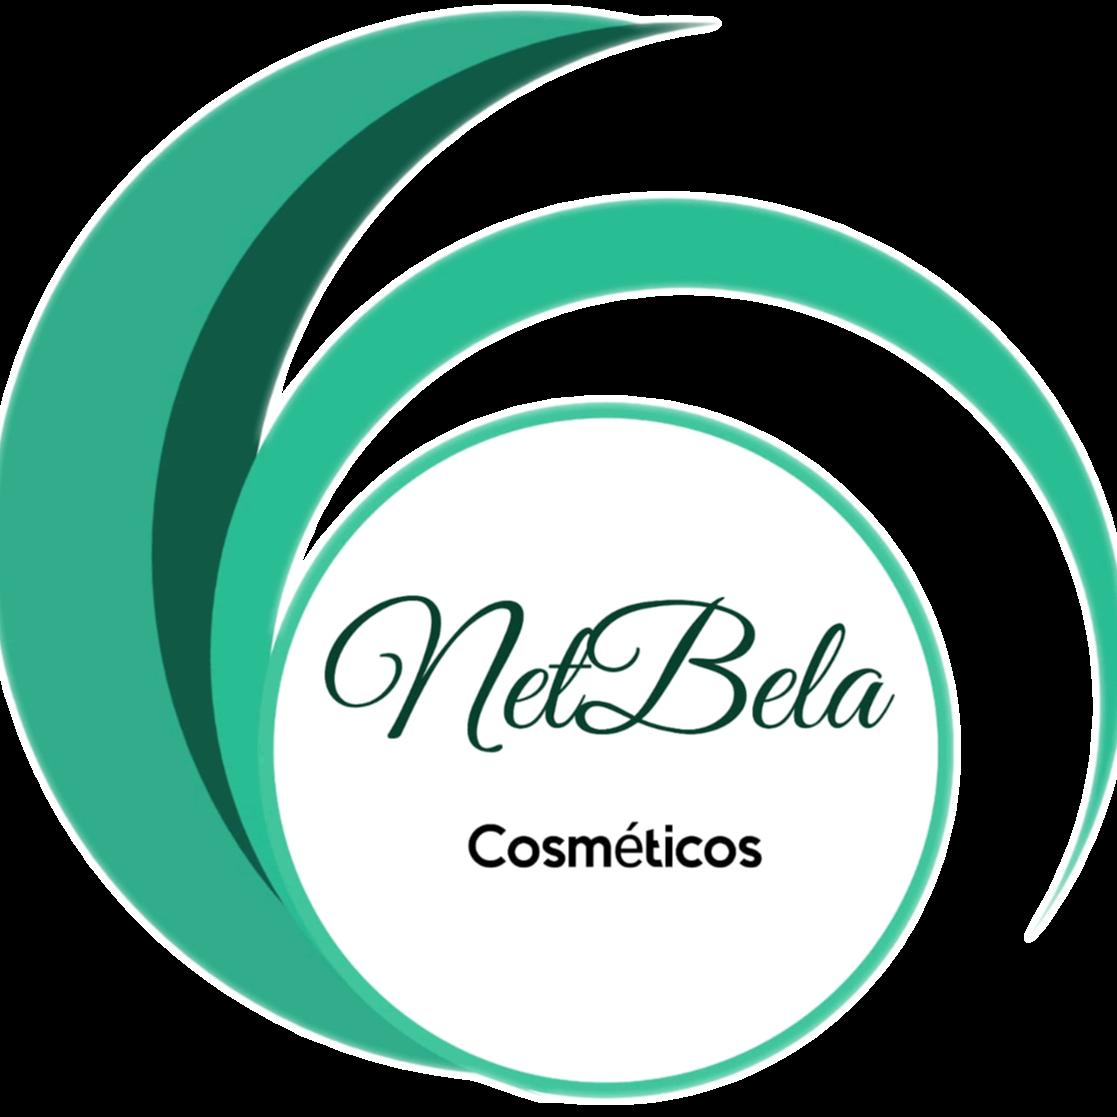 @netbela Profile Image | Linktree